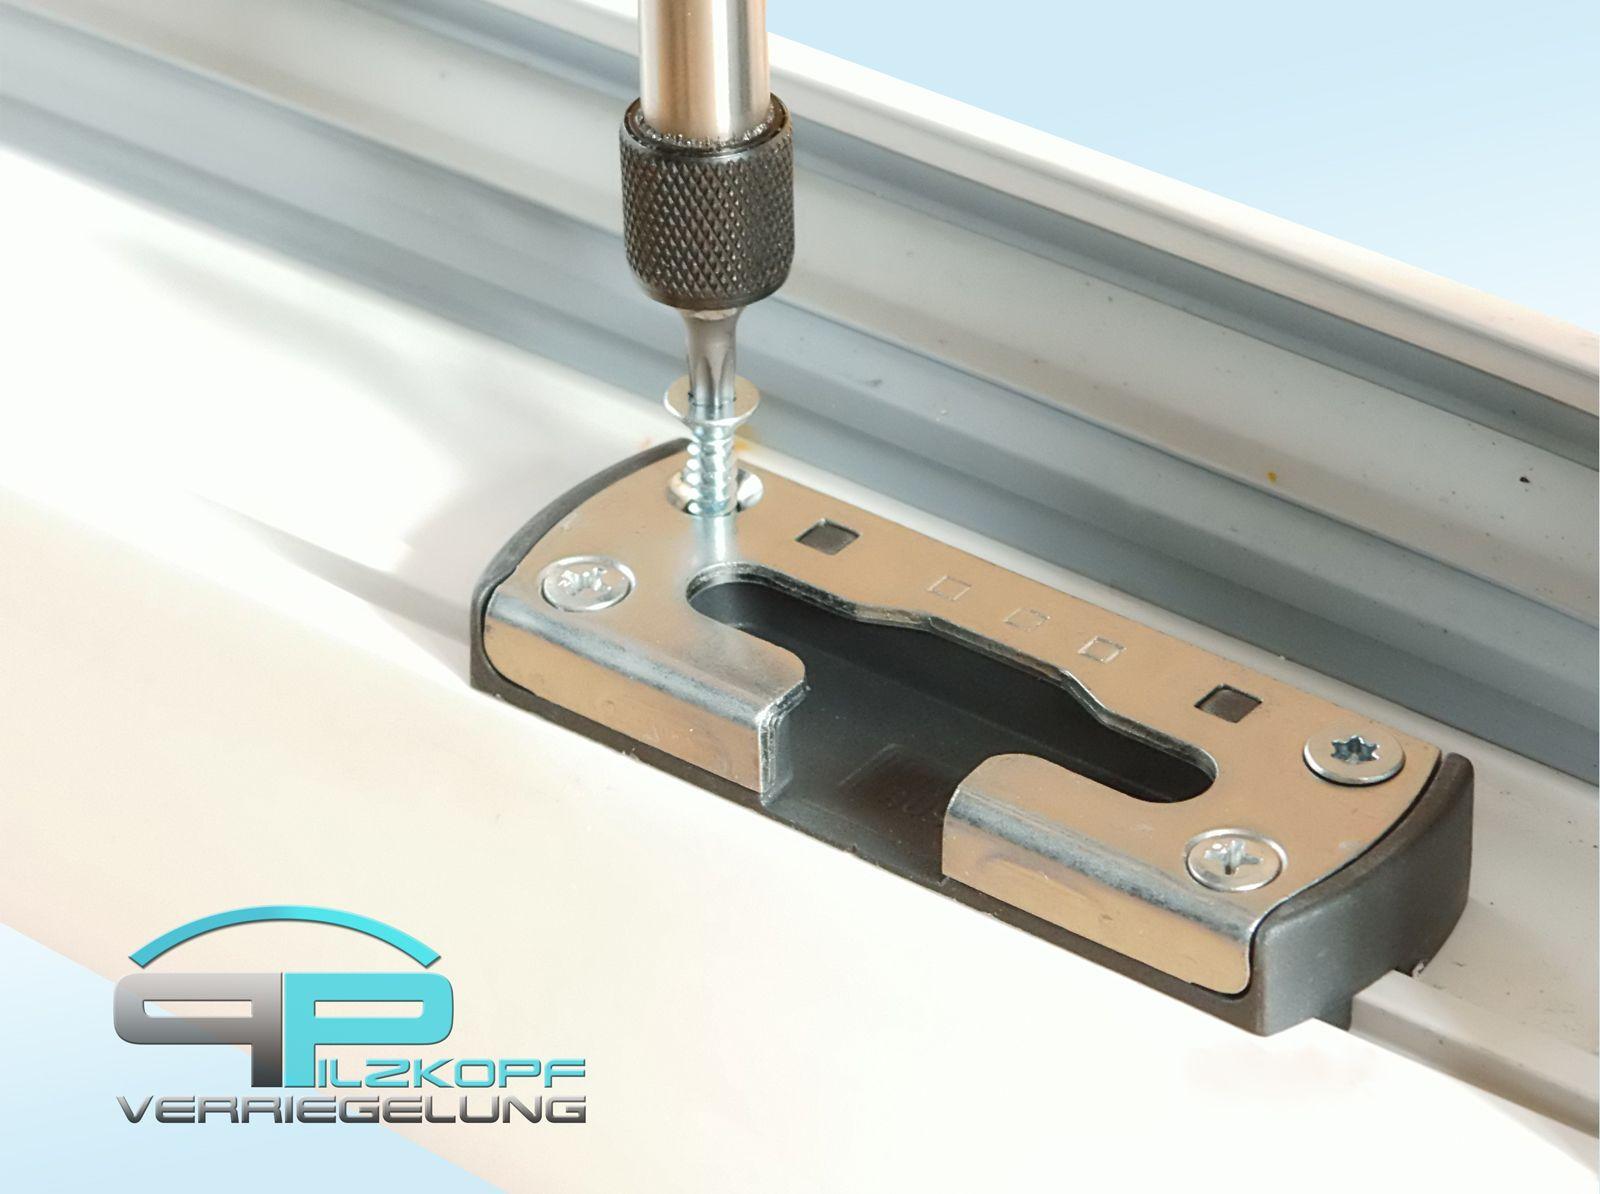 Pilzkopfverriegelung Kaufen 1 Sicherheitsexperte Pkv Sicherheit Fenstersicherung Umbau Fenster Reparatur